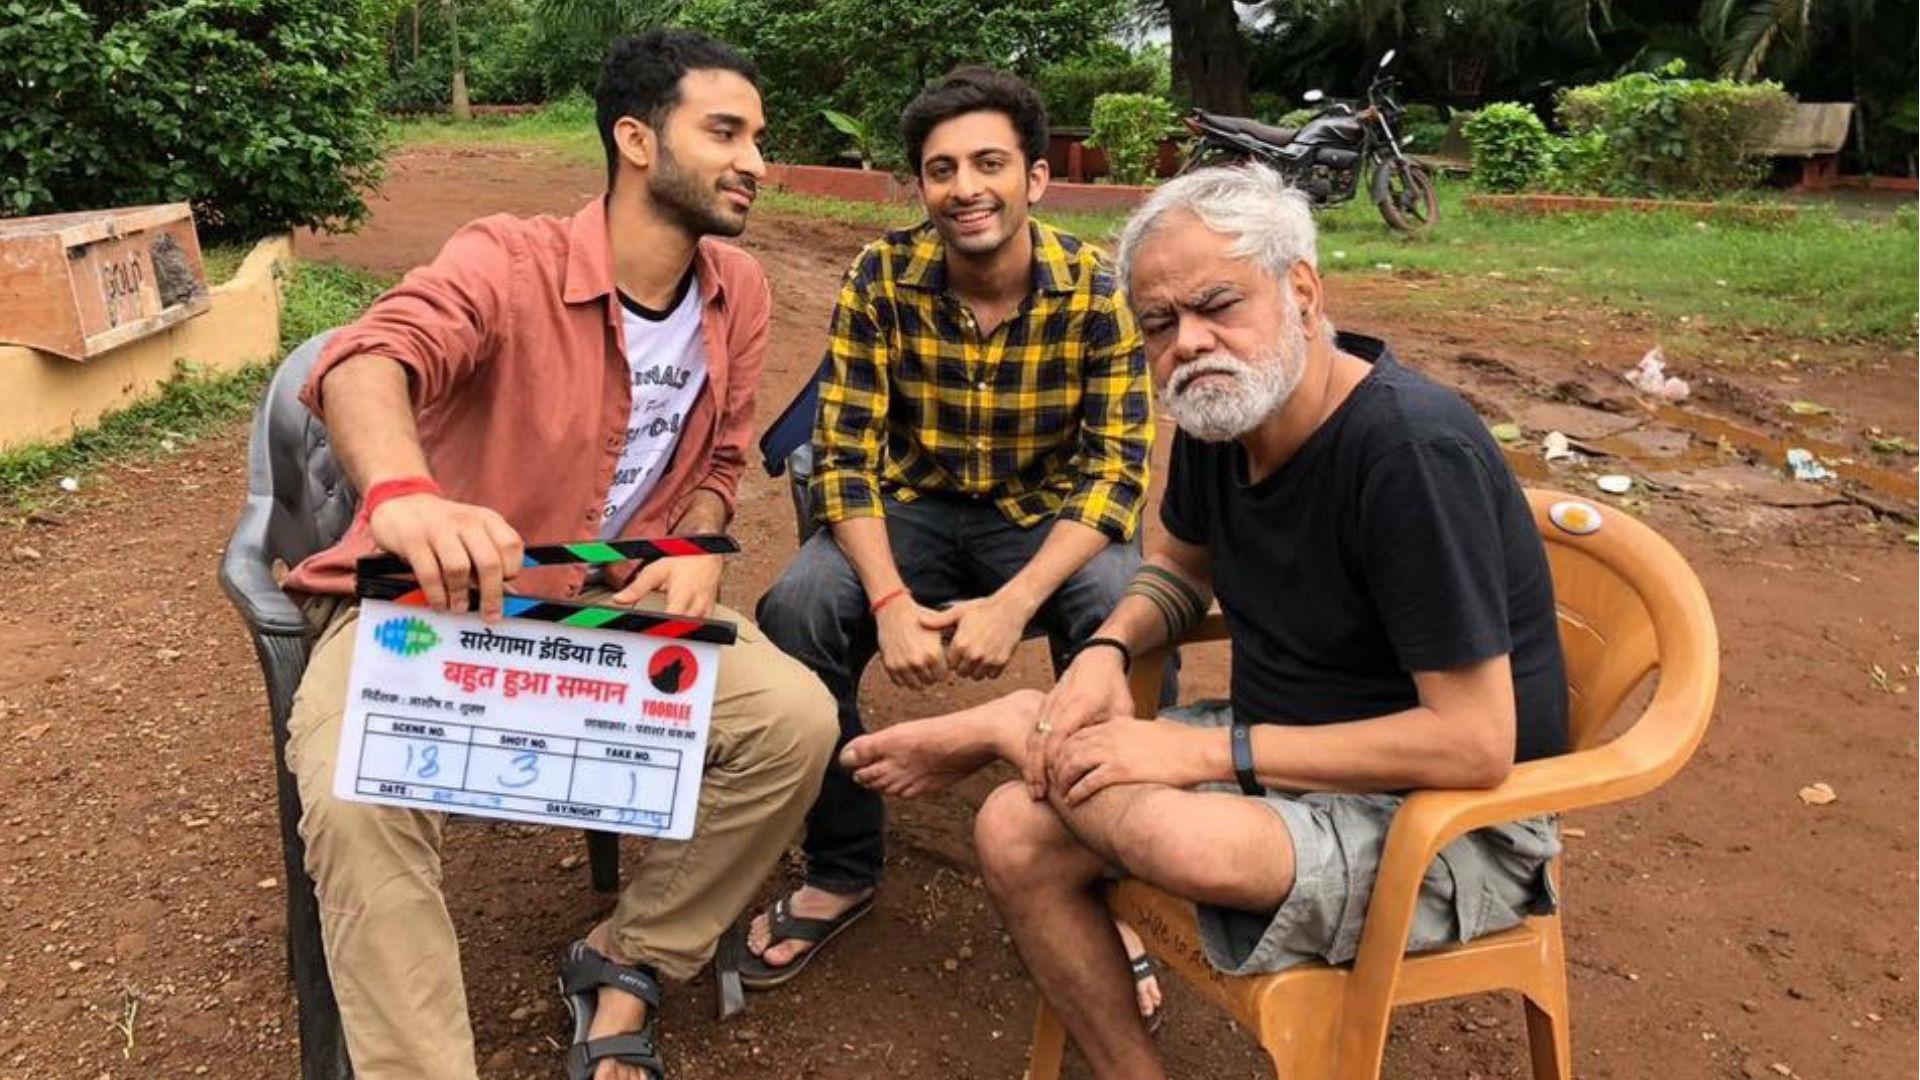 Bahut Hua Sammaan Movie: फिल्म की शूटिंग शुरू, संजय मिश्रा-राघव जुयाल सहित ये मशहूर एक्टर्स आएंगे नजर